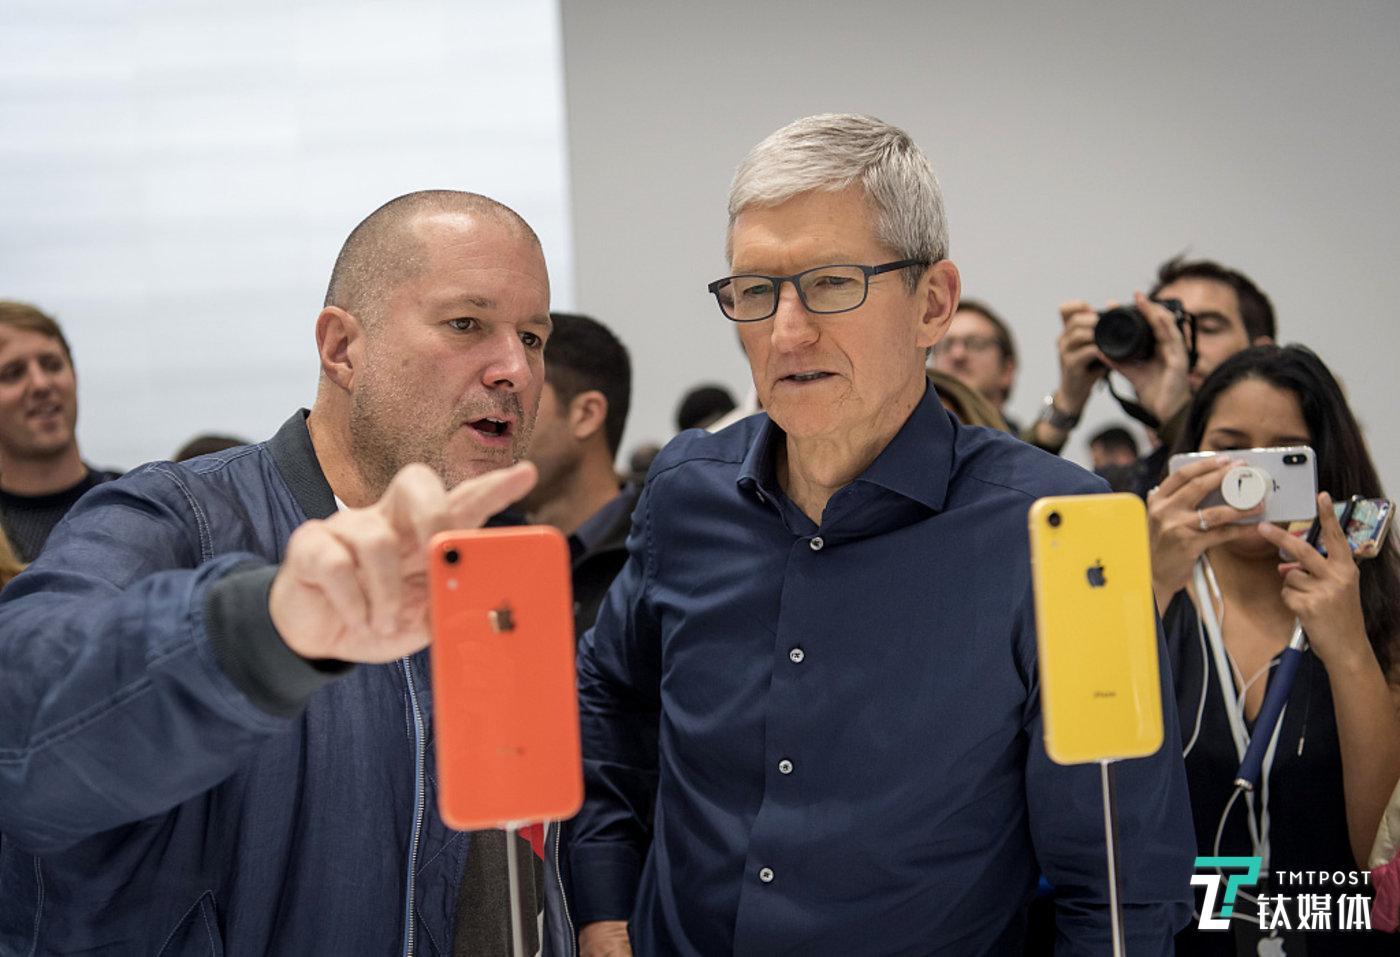 设计灵魂离职,走下神坛的苹果设计将去向何方?